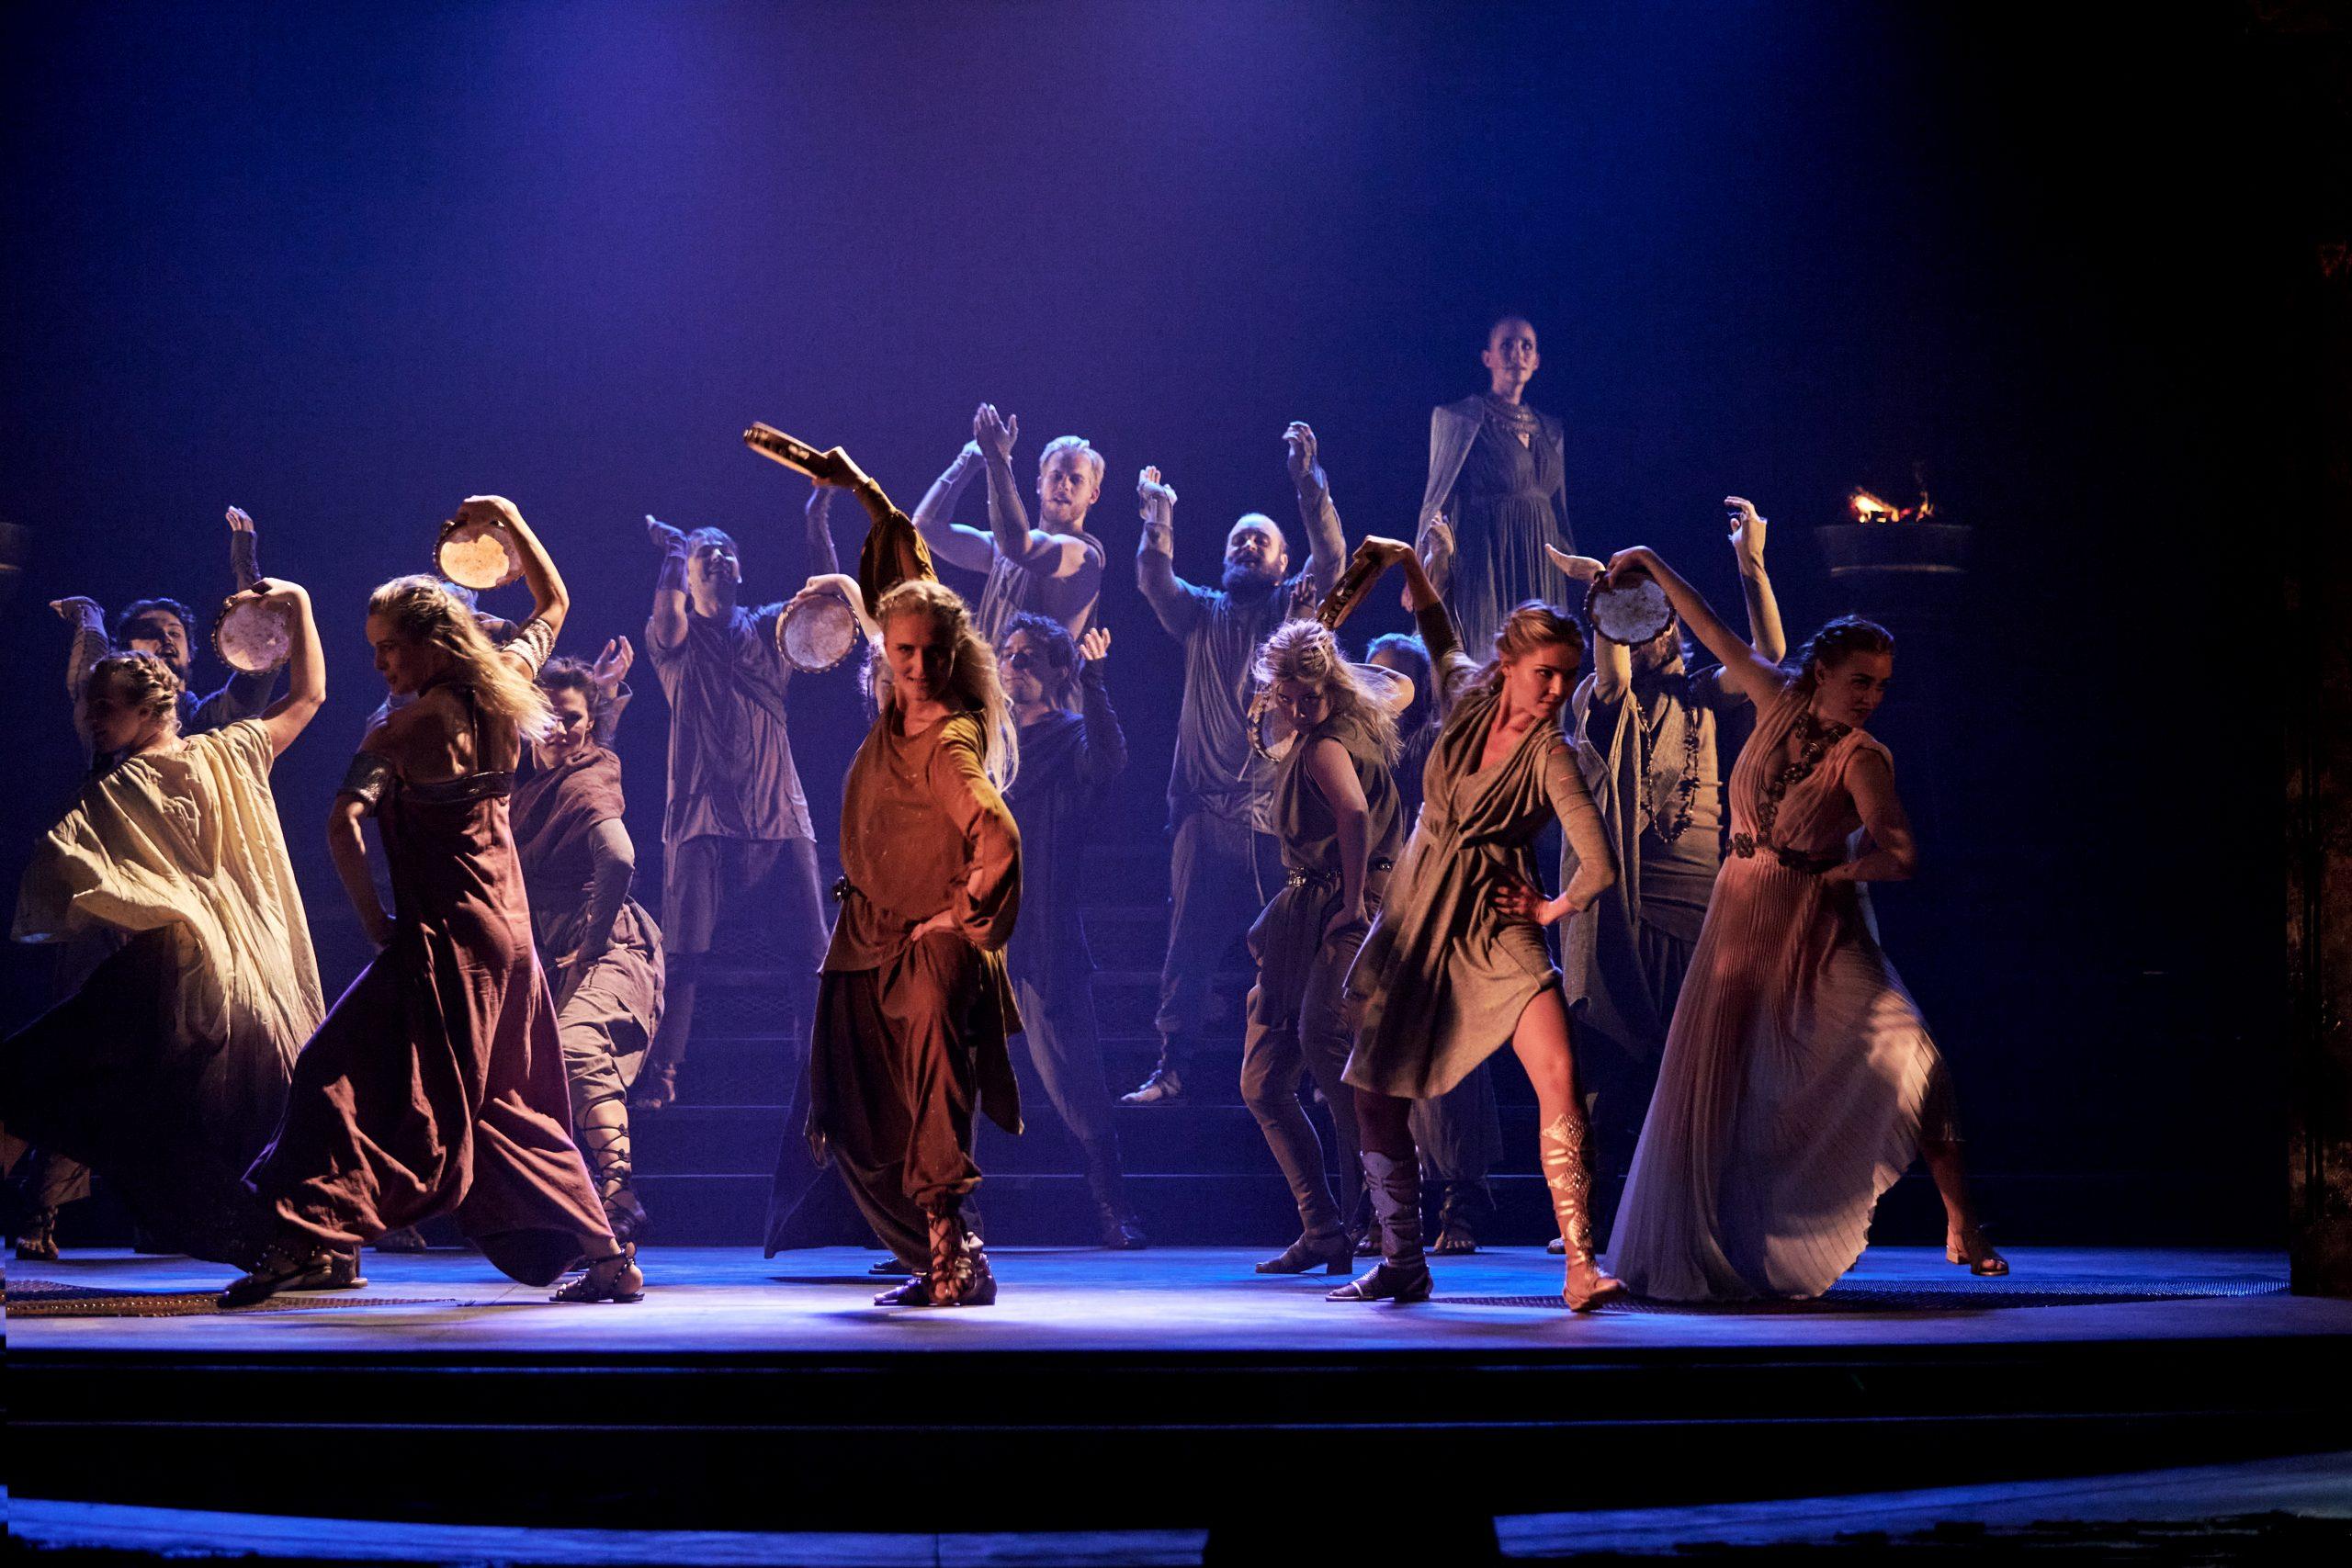 Atlantis for fuld udblæsning: Eventyrlig musical med kraftfulde sangstemmer